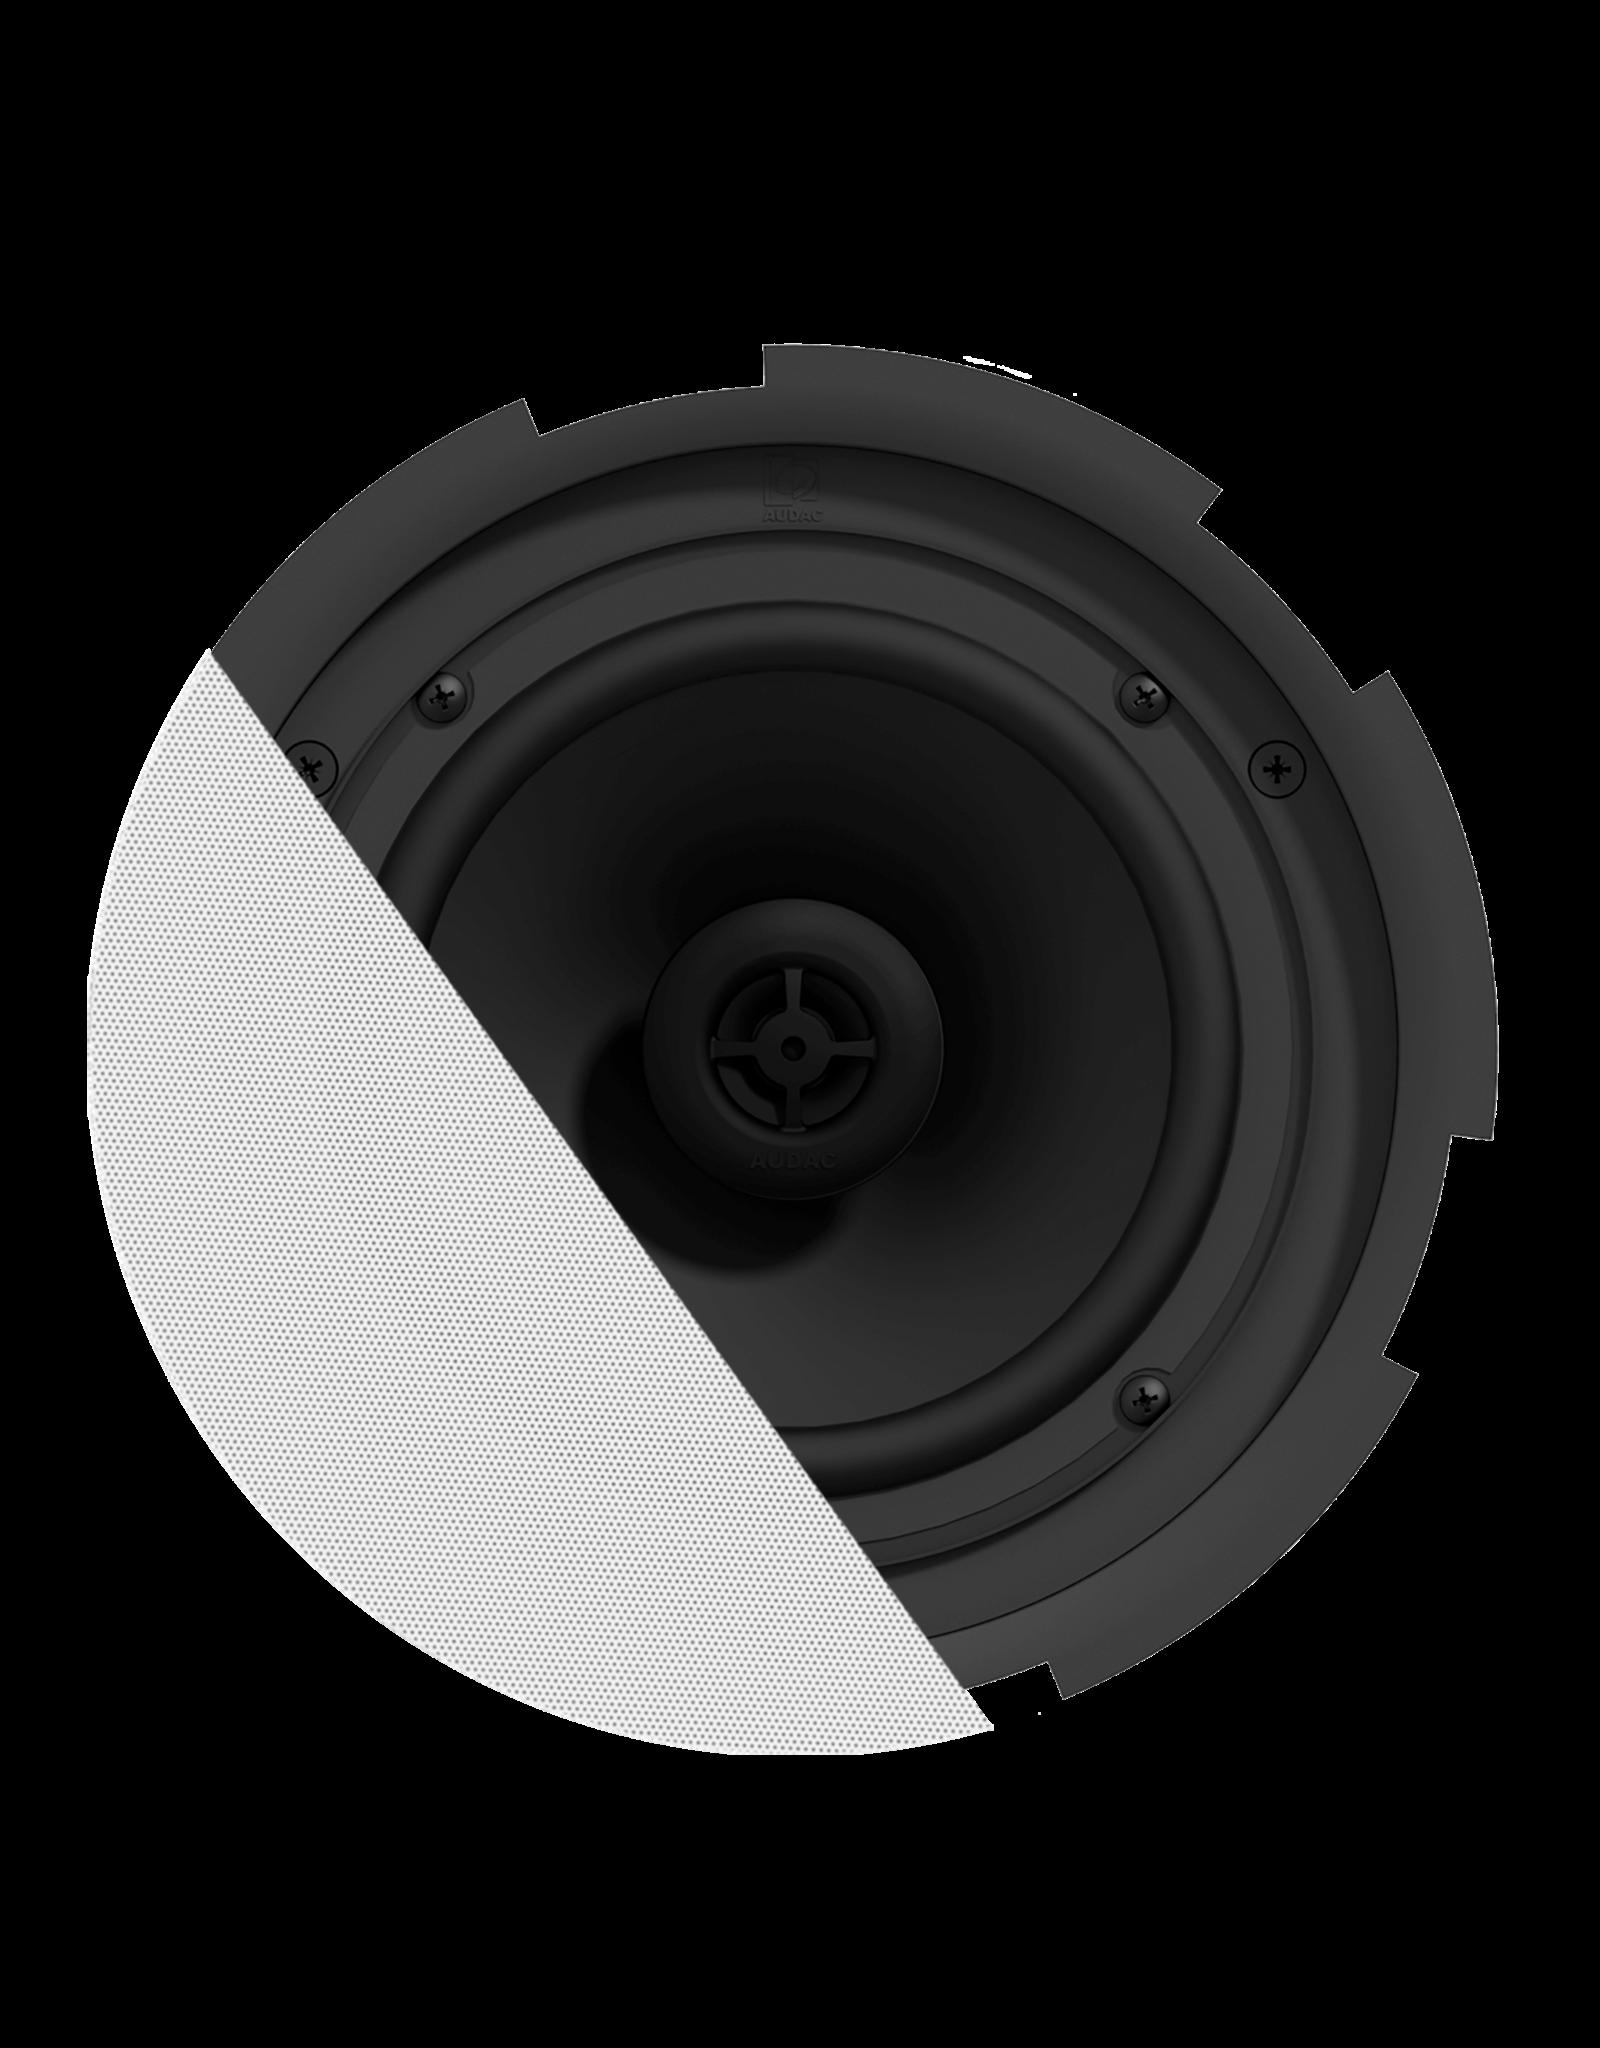 """Audac QuickFit™ 2-way 8"""" ceiling speaker with TwistFix™ grill White version, 8? & 24 Watt @ 100V"""